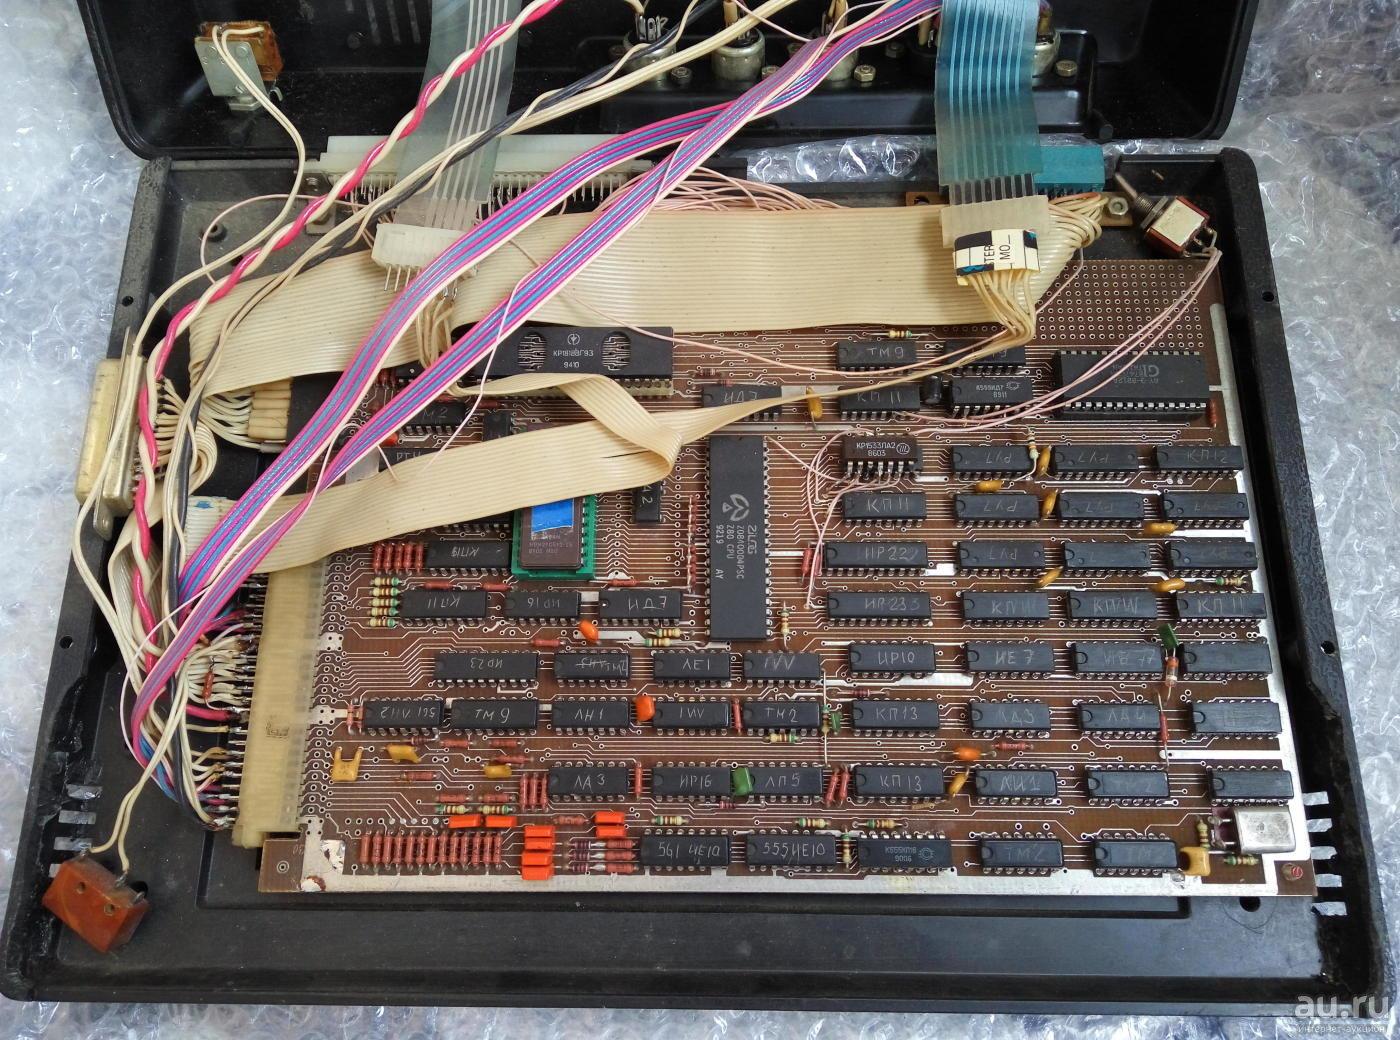 ZX Spectrum в России и СНГ: как стремление в онлайн трансформировало оффлайн - 10